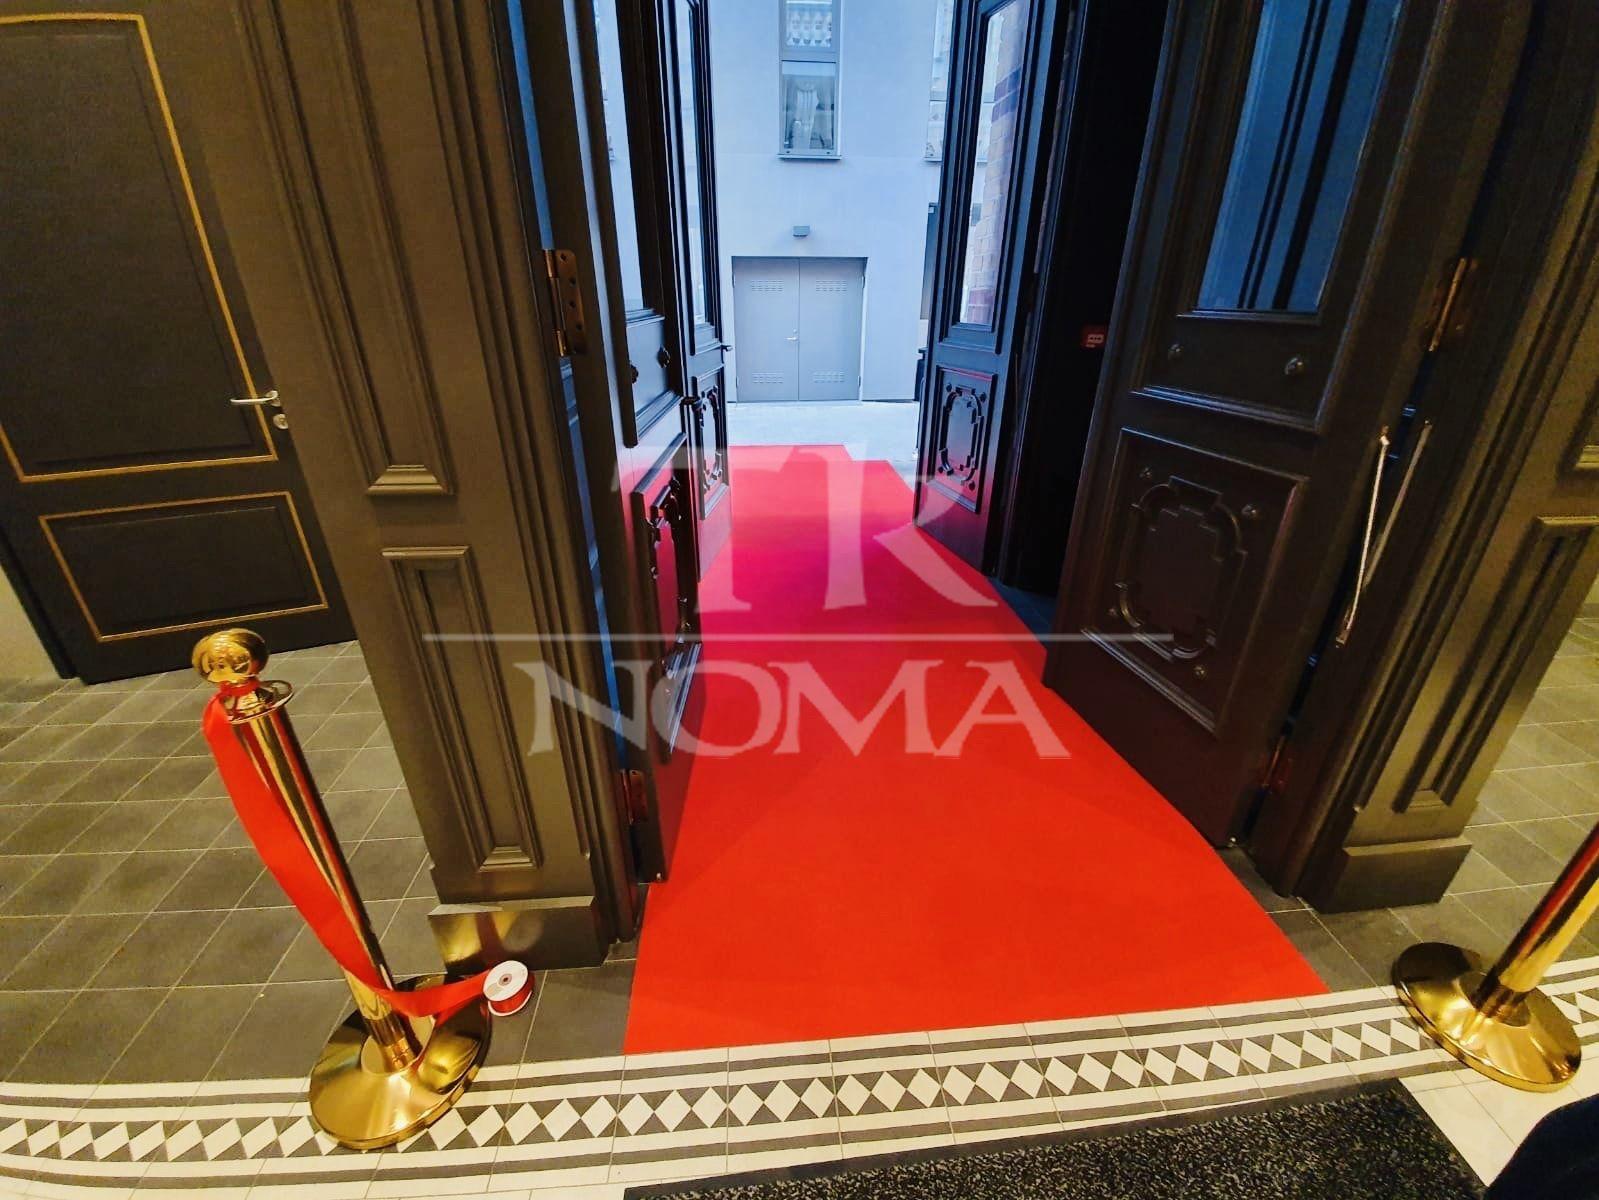 Sarkanais paklājs ieejas trepēs noma